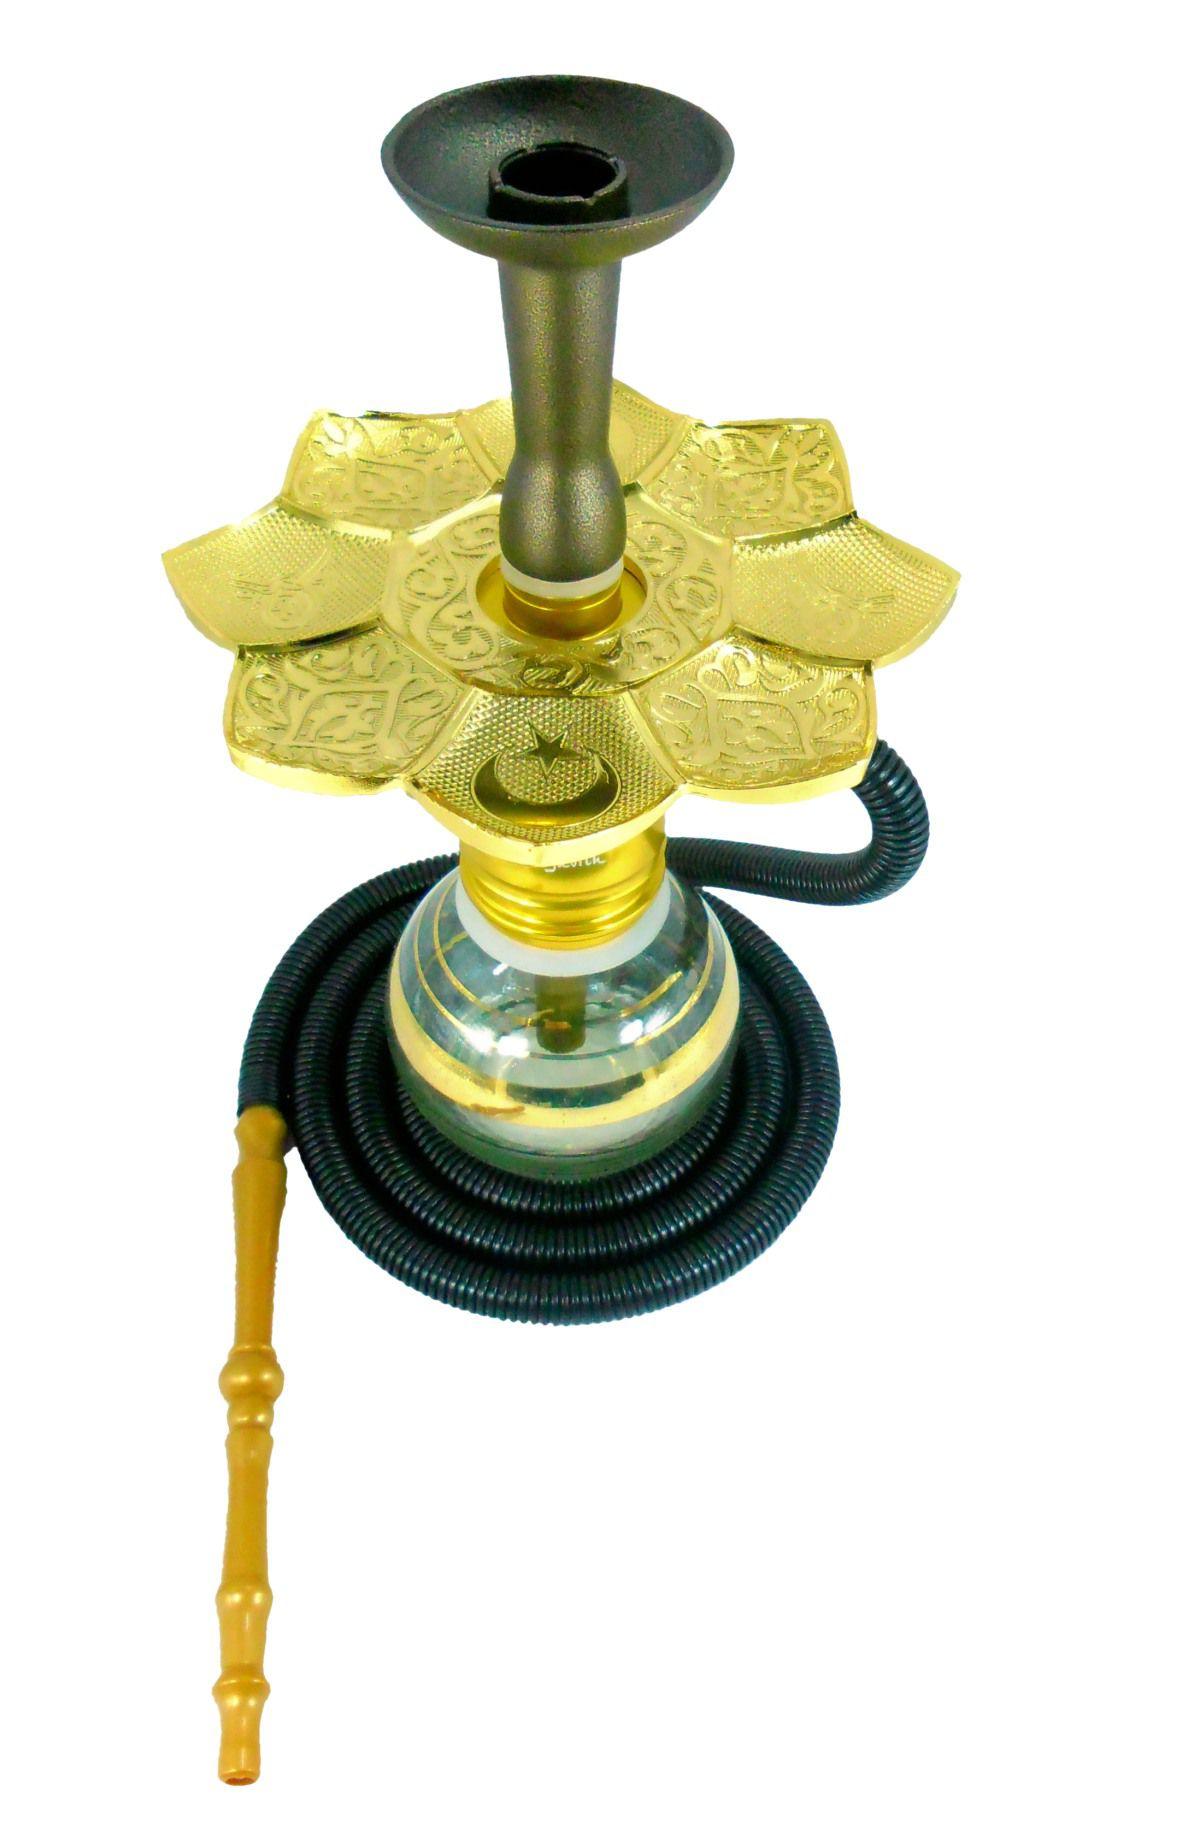 Narguile JUDITH DOURADO 34cm, vaso LISTRA DOURADA, mangueira GO HOSE, fornilho alumínio, prato dourado.